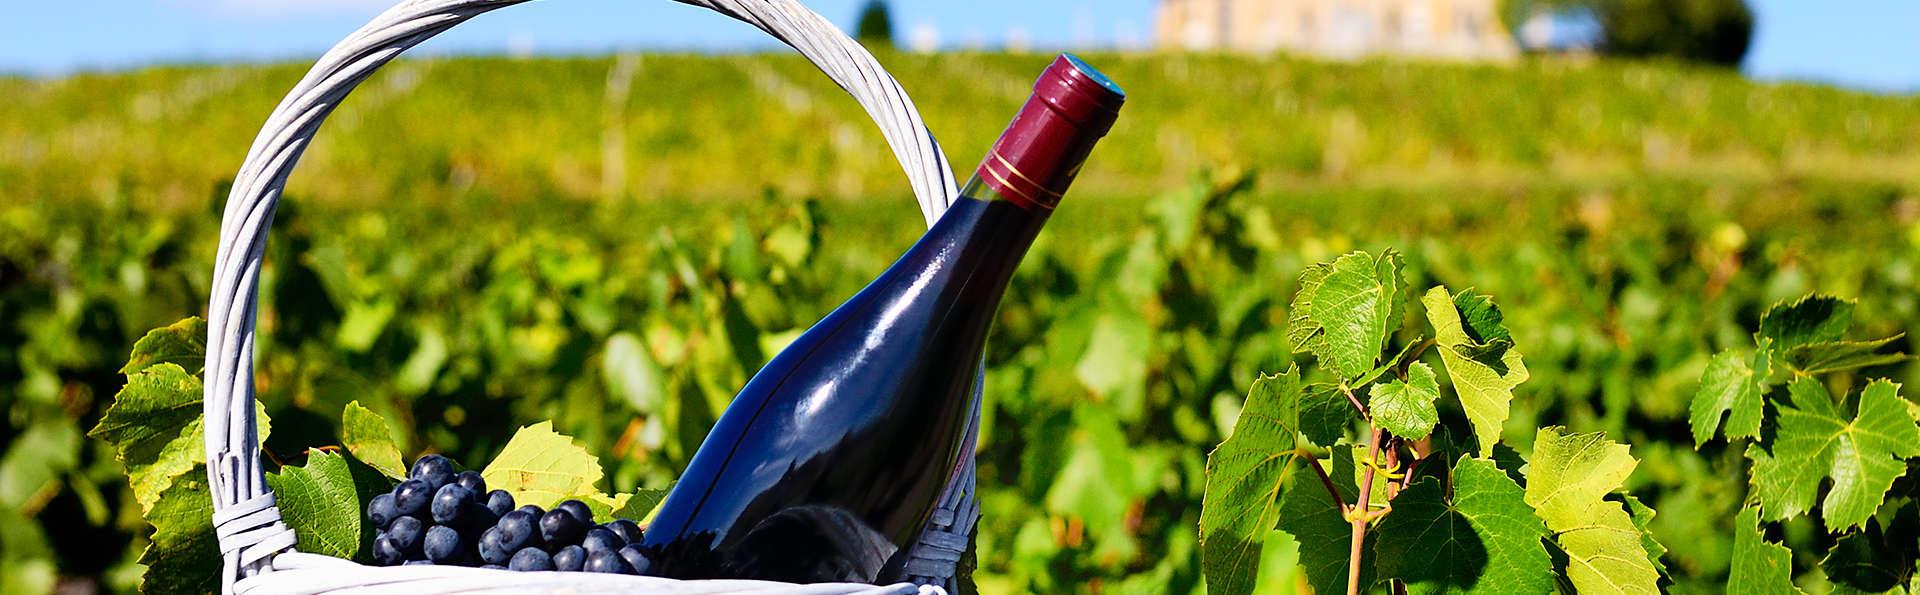 Découverte des vins à Requena avec une pointe de romantisme